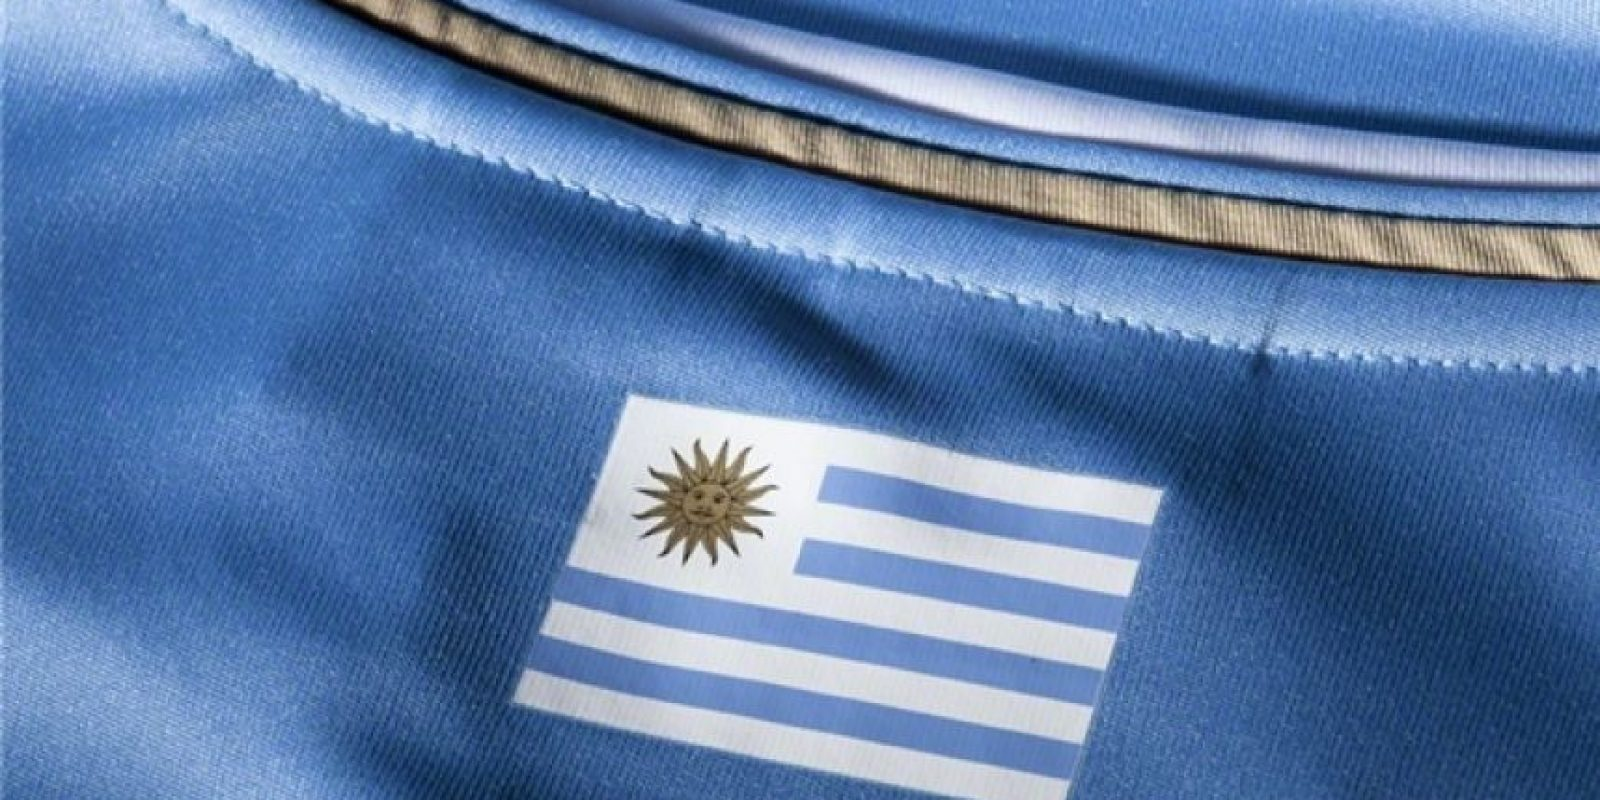 """""""La celeste"""" tampoco estrenará camiseta este año. Llevarán la misma que en Brasil 2014. Foto:Puma"""